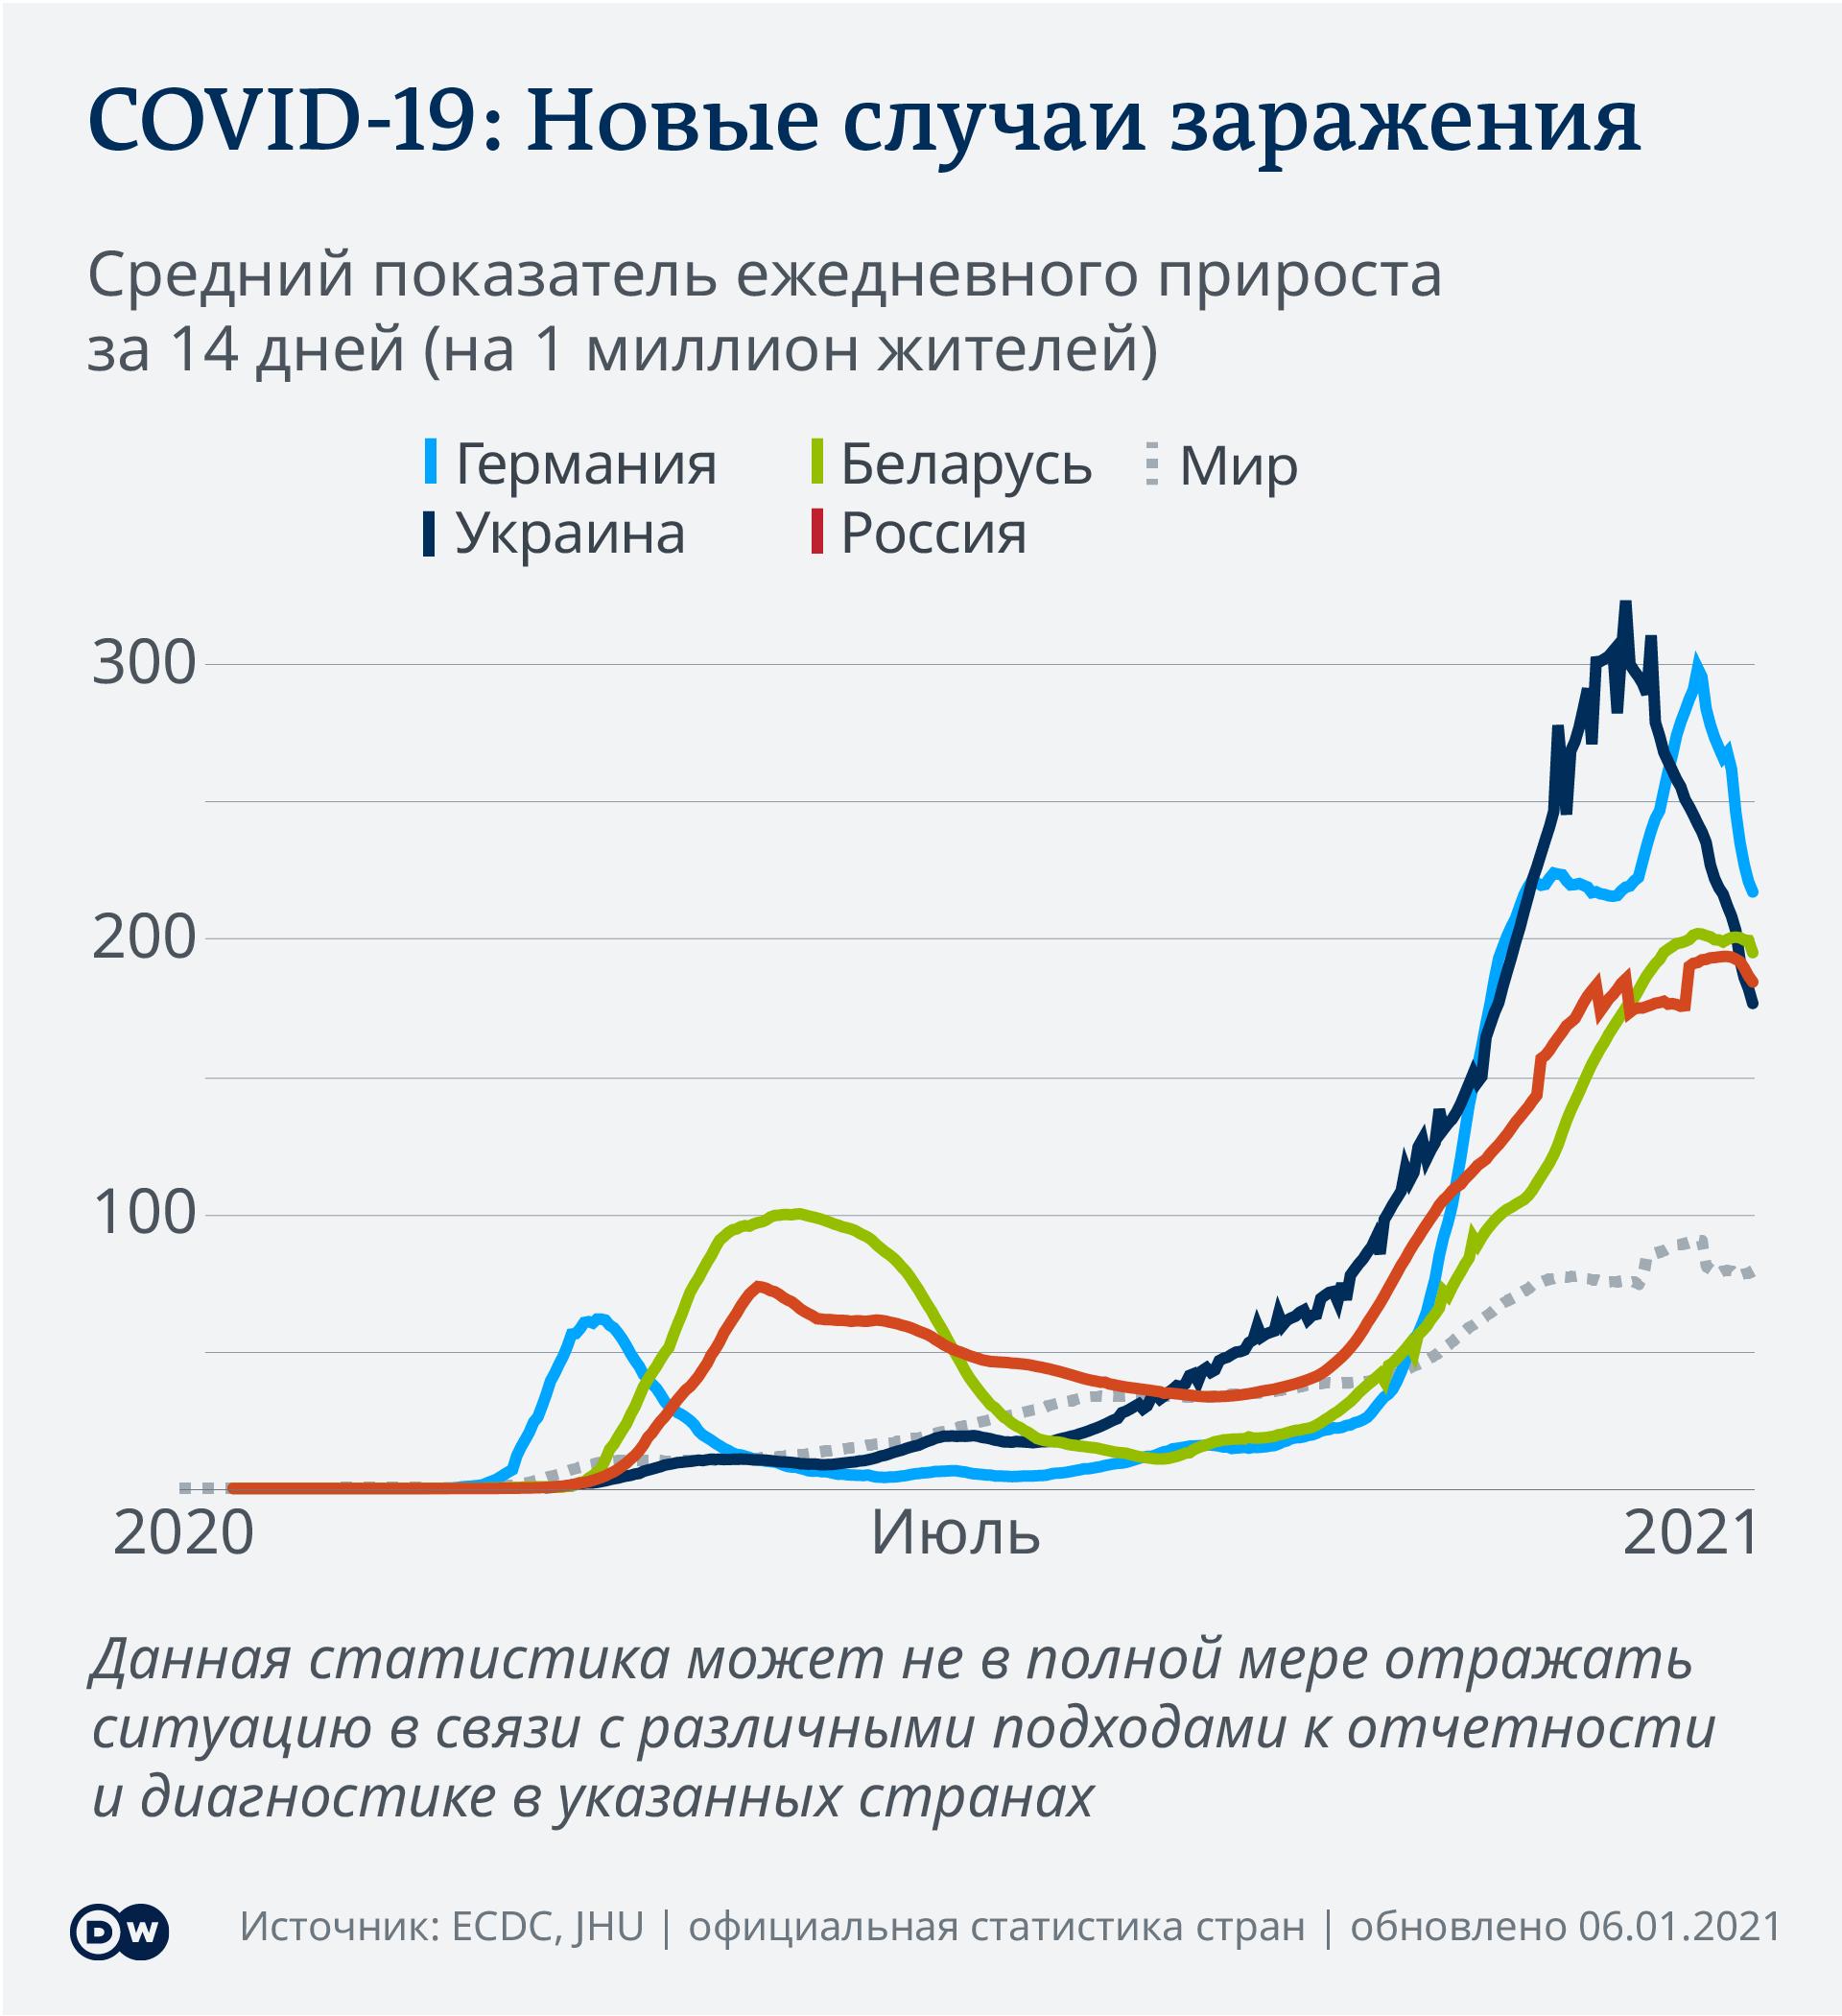 Инфографика COVID-19 - статистика заболеваний на душу населения